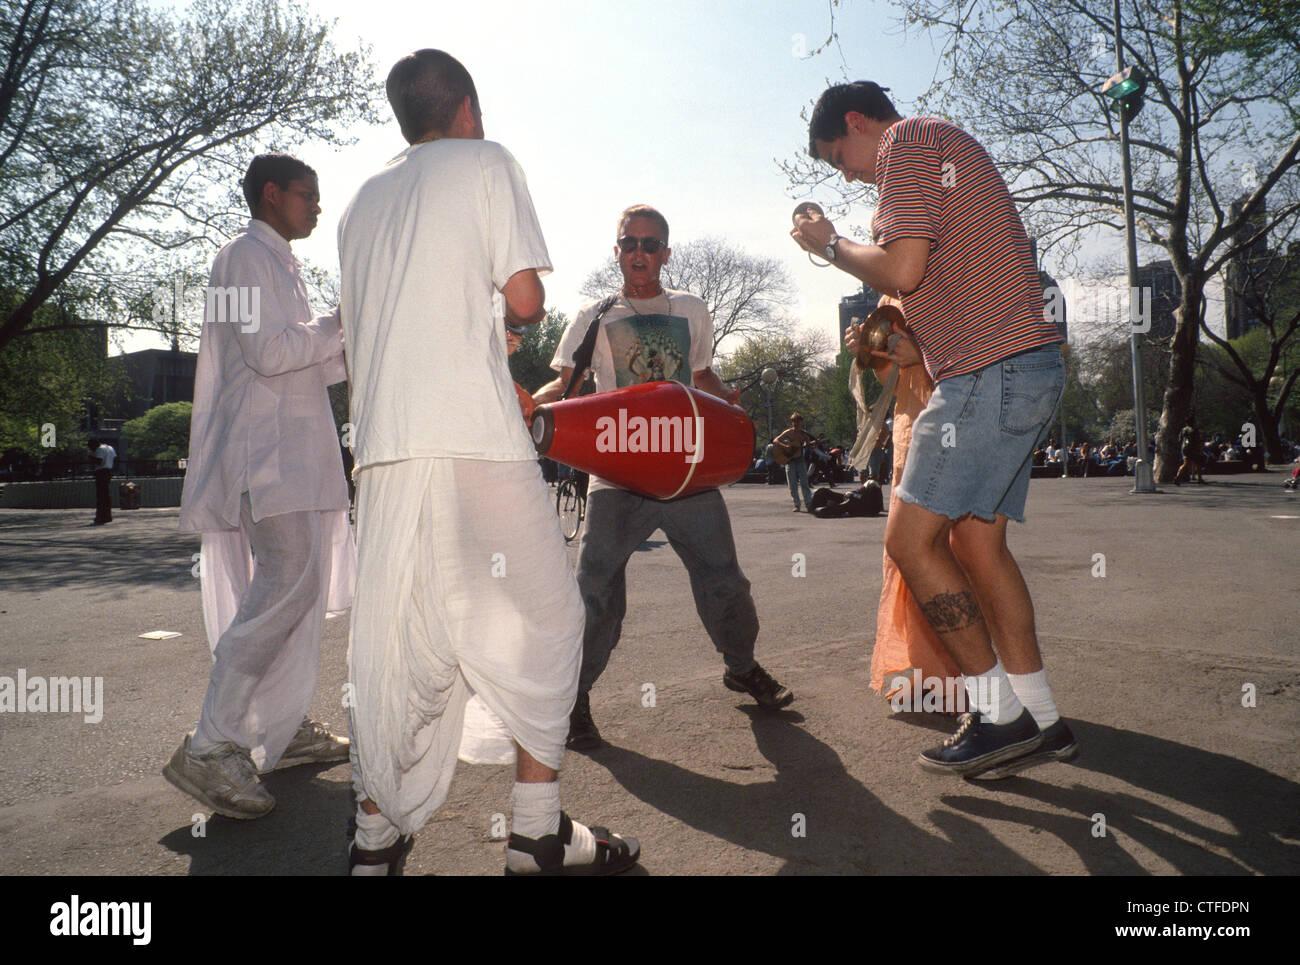 New York, NY - El Hombre bailando con Hare Krishna en Washington Square Park Foto de stock